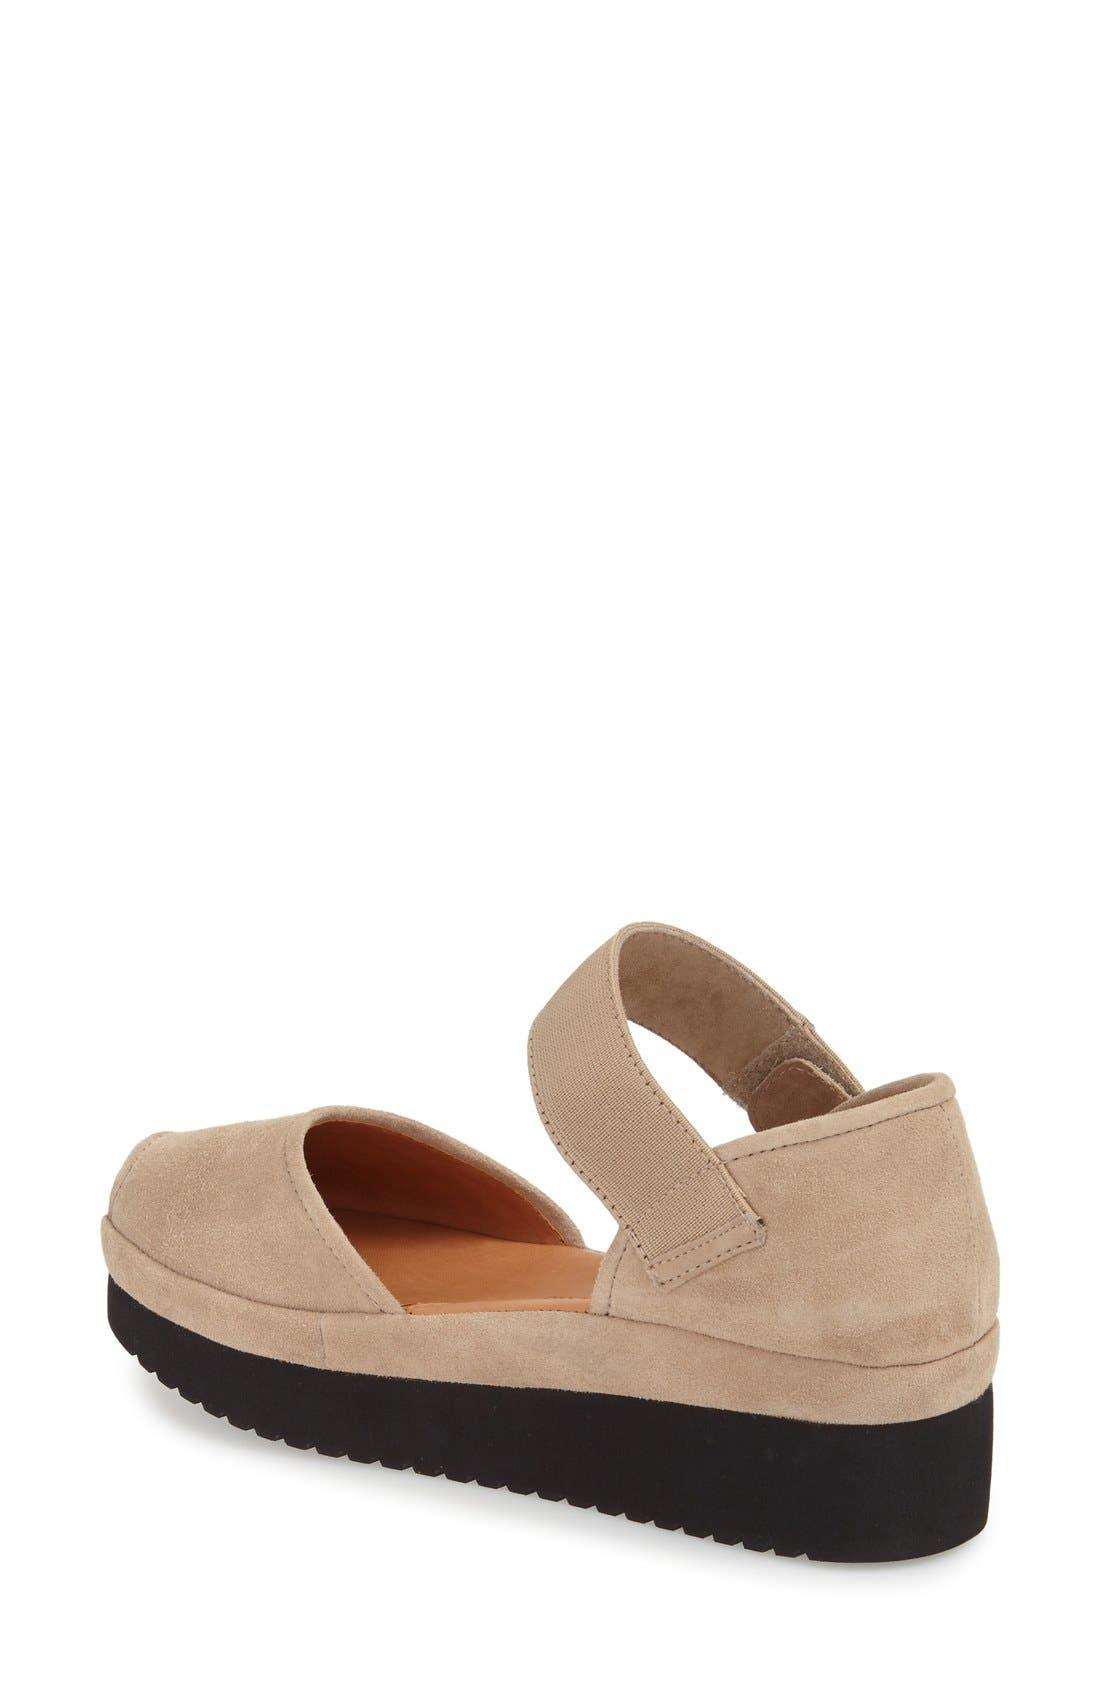 'Amadour' Platform Sandal,                             Alternate thumbnail 20, color,